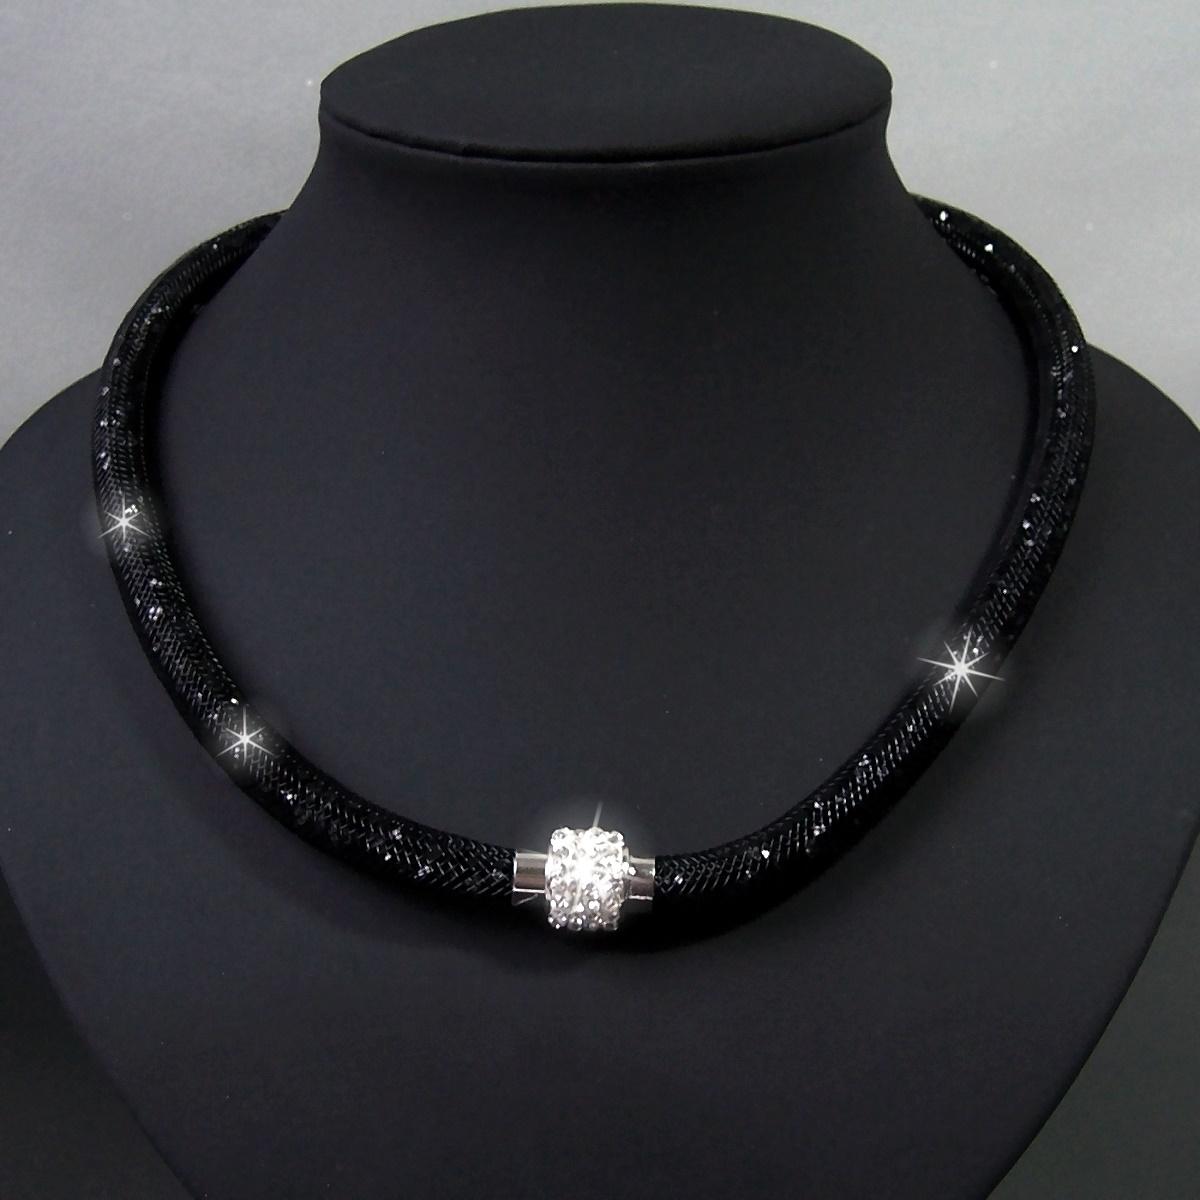 K2317# Collier Kristalle in Nylonnetzschlauch Shamballa Star schwarz